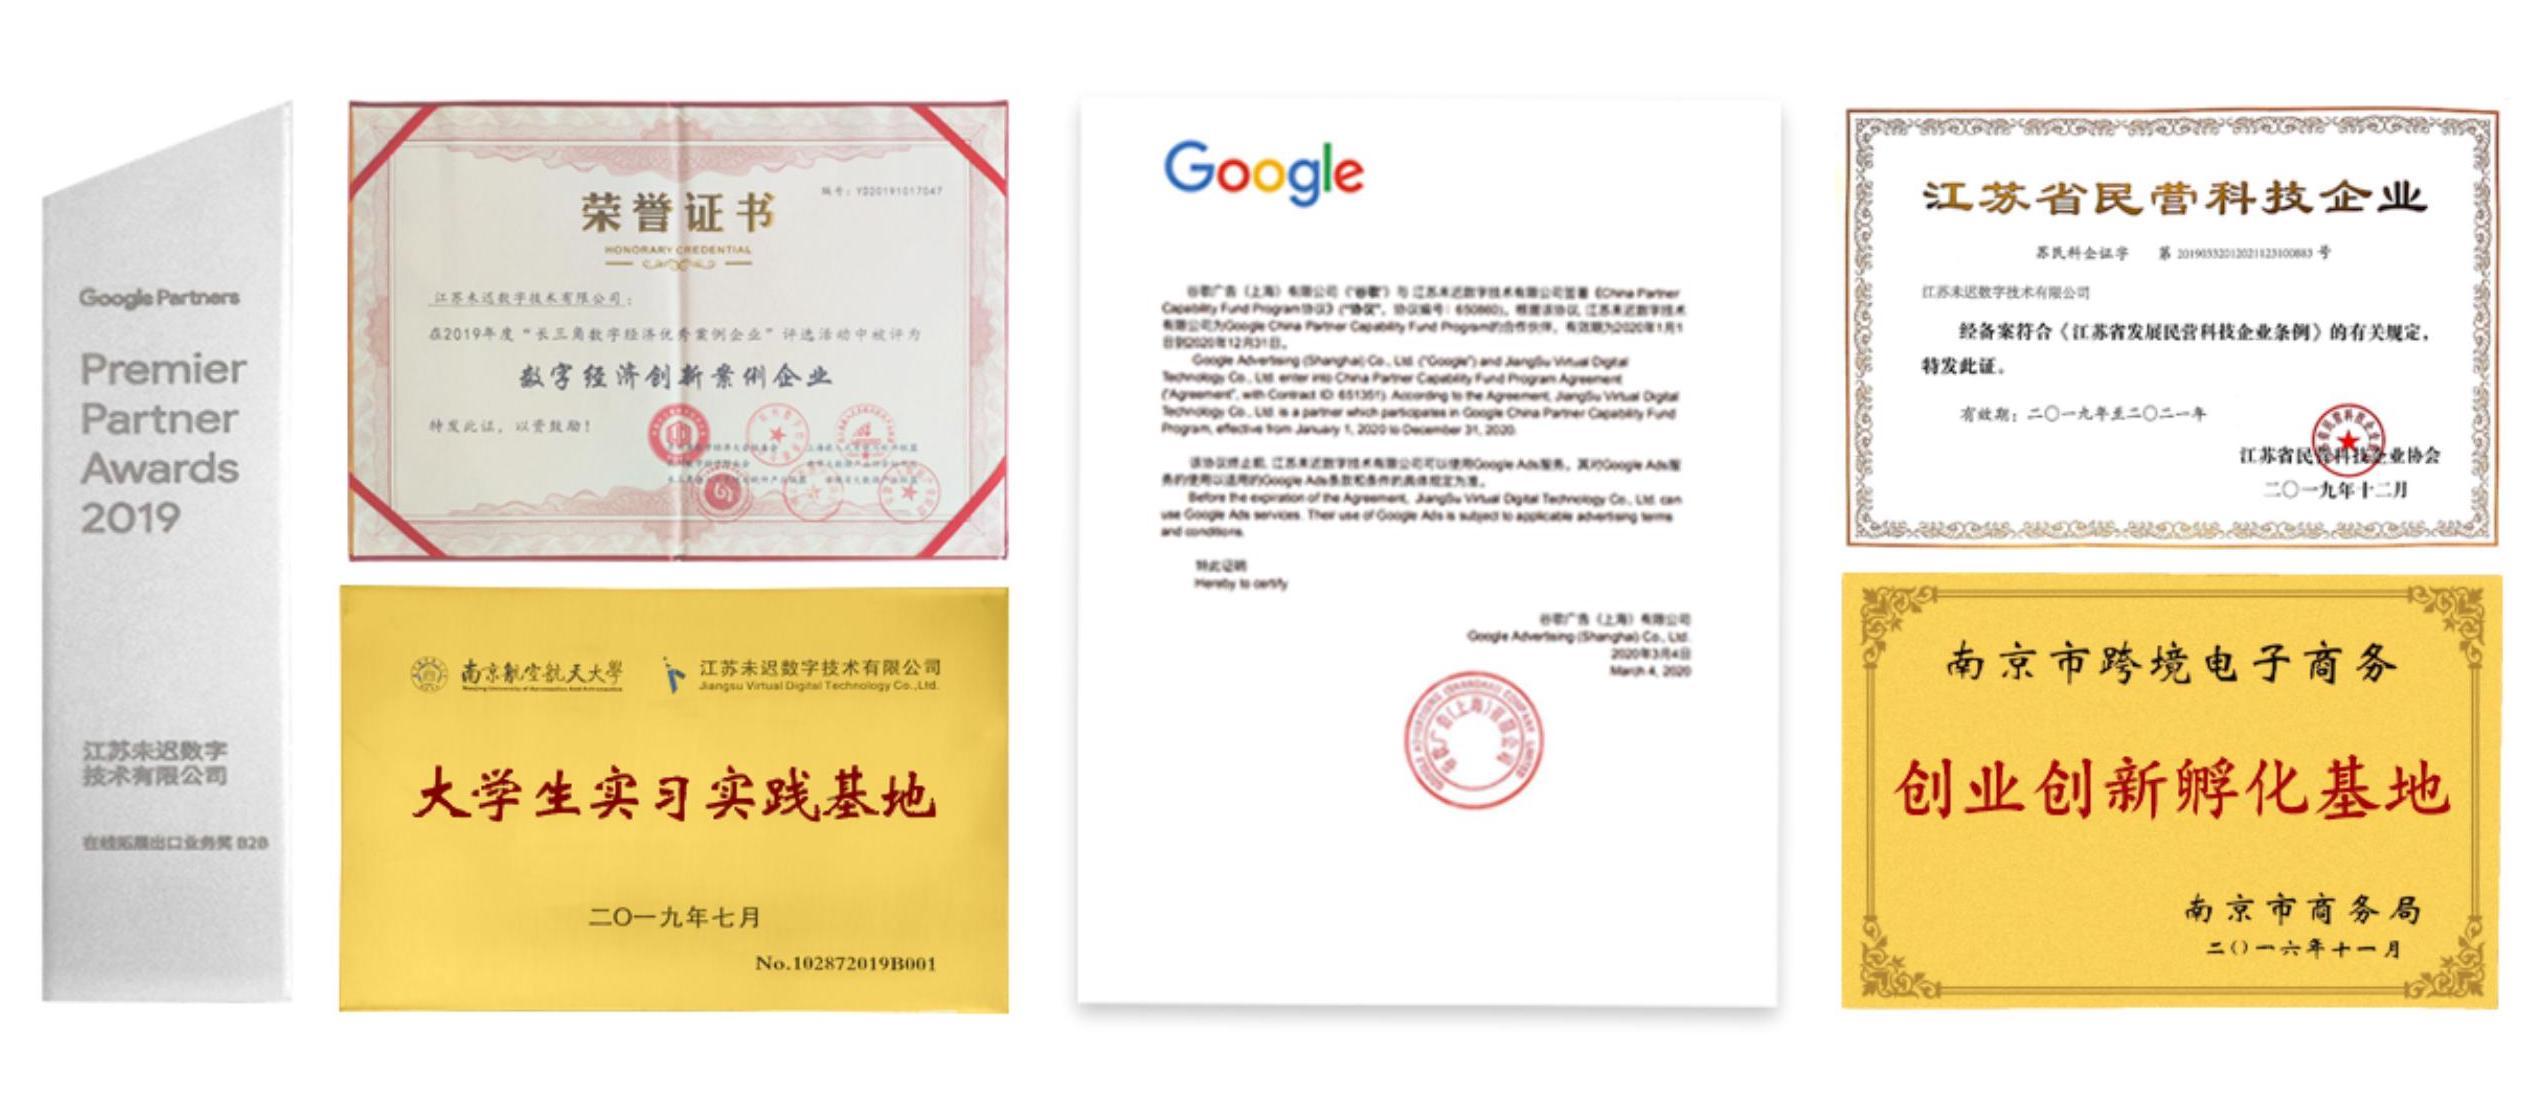 谷歌SEO公司——未迟荣誉